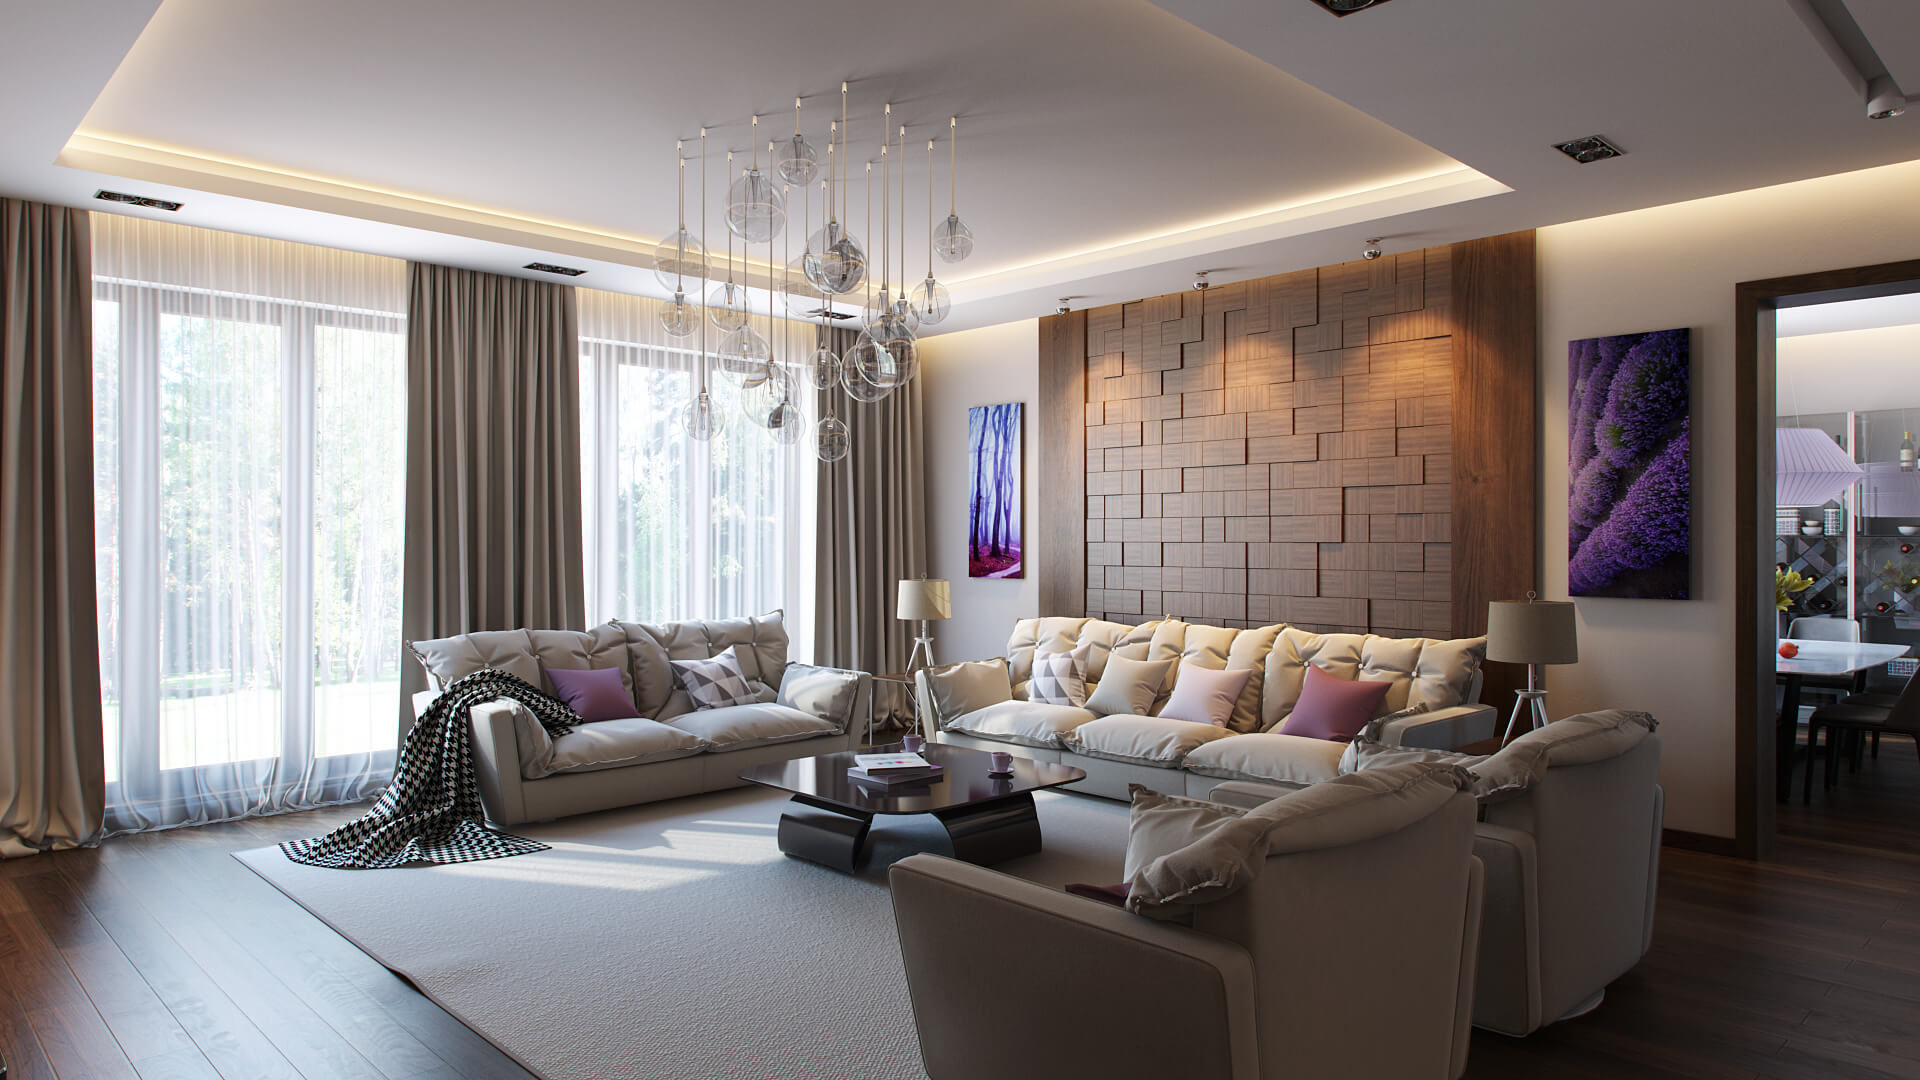 Элегантный дизайн дома в современном стиле: гостиная View03